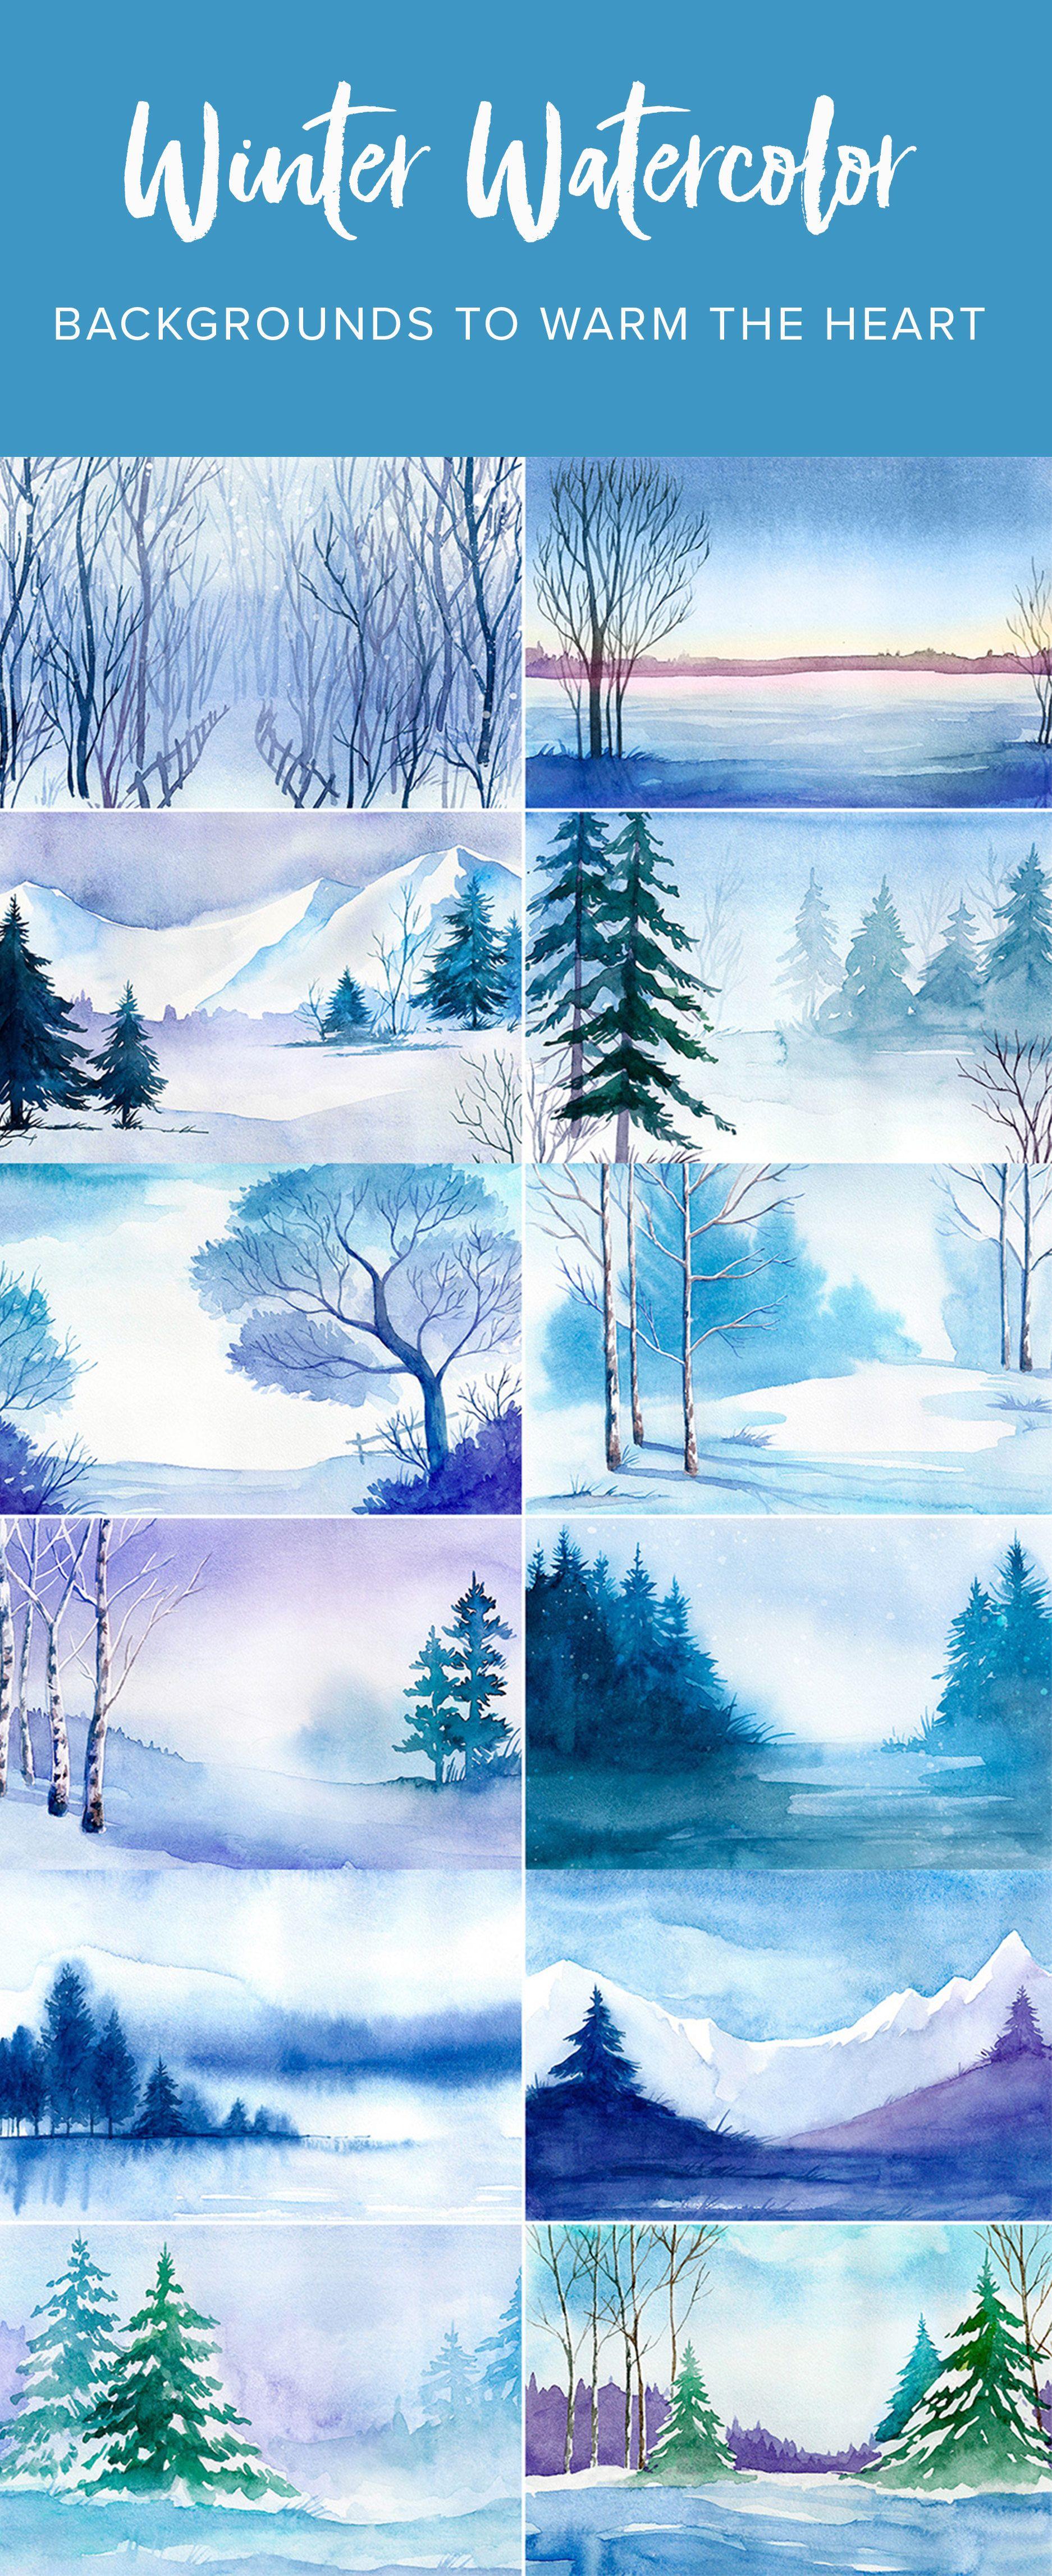 Watercolor Winter Landscapes Vol 1 12 Winter Watercolor Vector